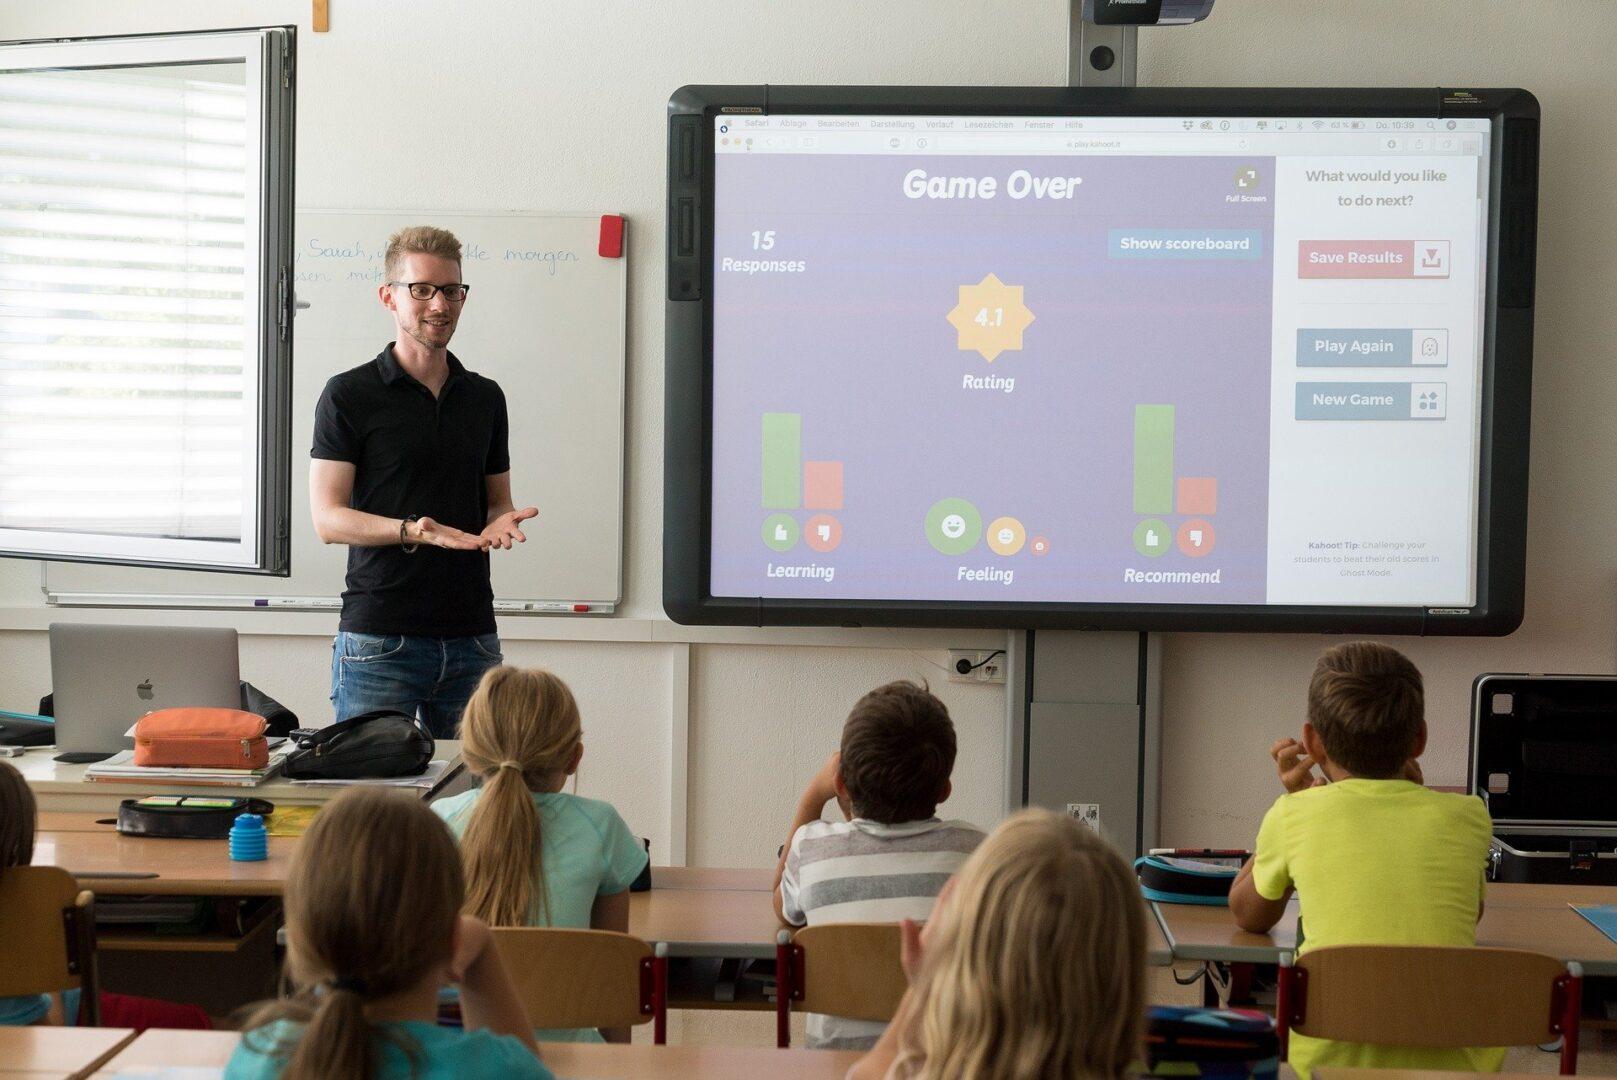 Otroci v osnovno šolo vstopajo s petimi, šestimi leti, in čeravno je bilo prvotno mišljeno, da je prva triada tista, ki počasi vpeljuje otroke v šolsko okolje, se je v praksi pokazalo, da je redkokje tako